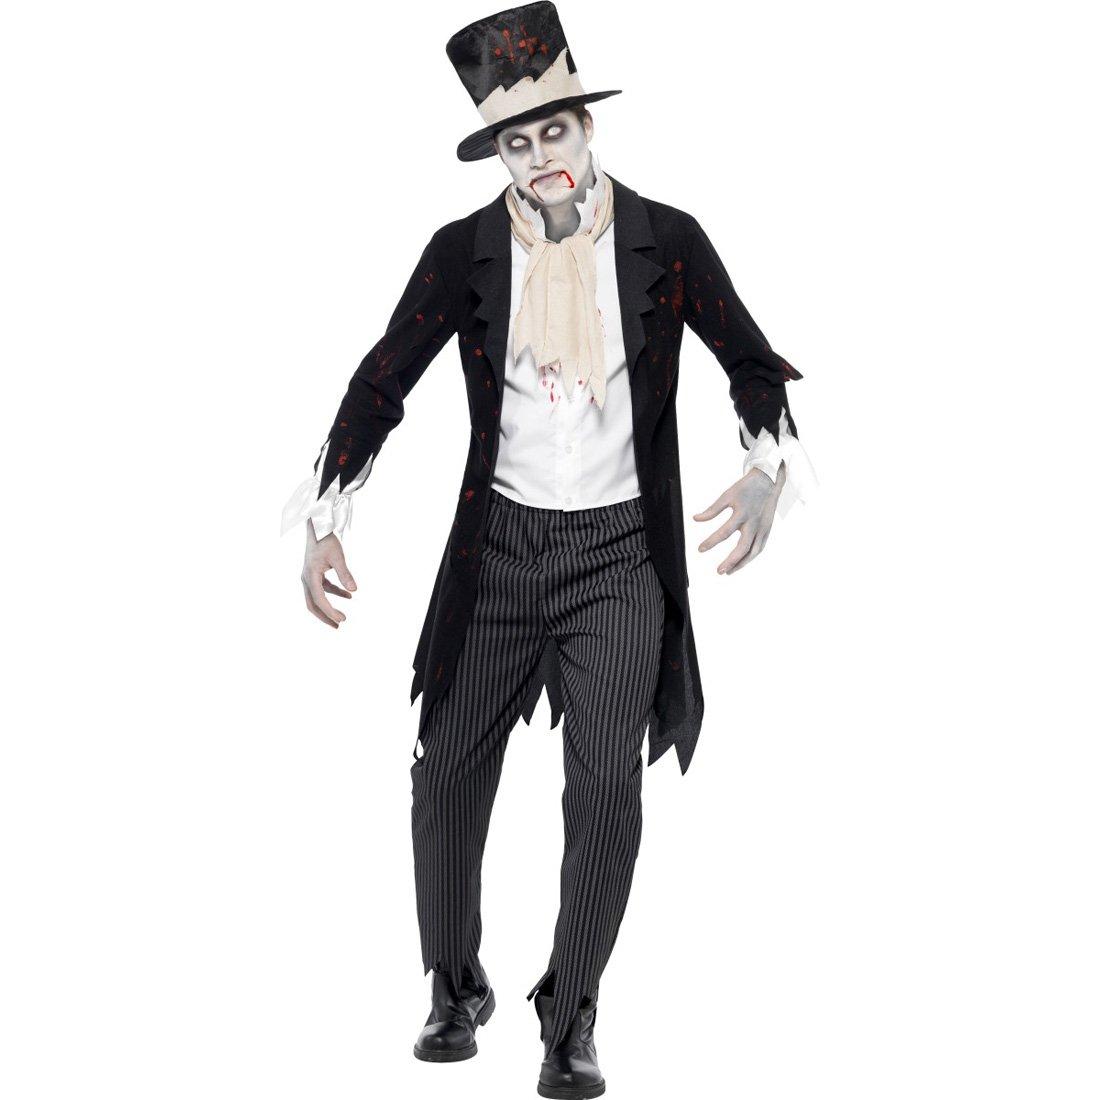 Amakando Zombiekostüm Bräutigam Geisterbräutigam Kostüm M 48/50 Halloweenkostüm Schlossherr Horrorkostüm Edelmann Gothic Kostüm Herrenkostüm Geisterkostüm Halloweenparty